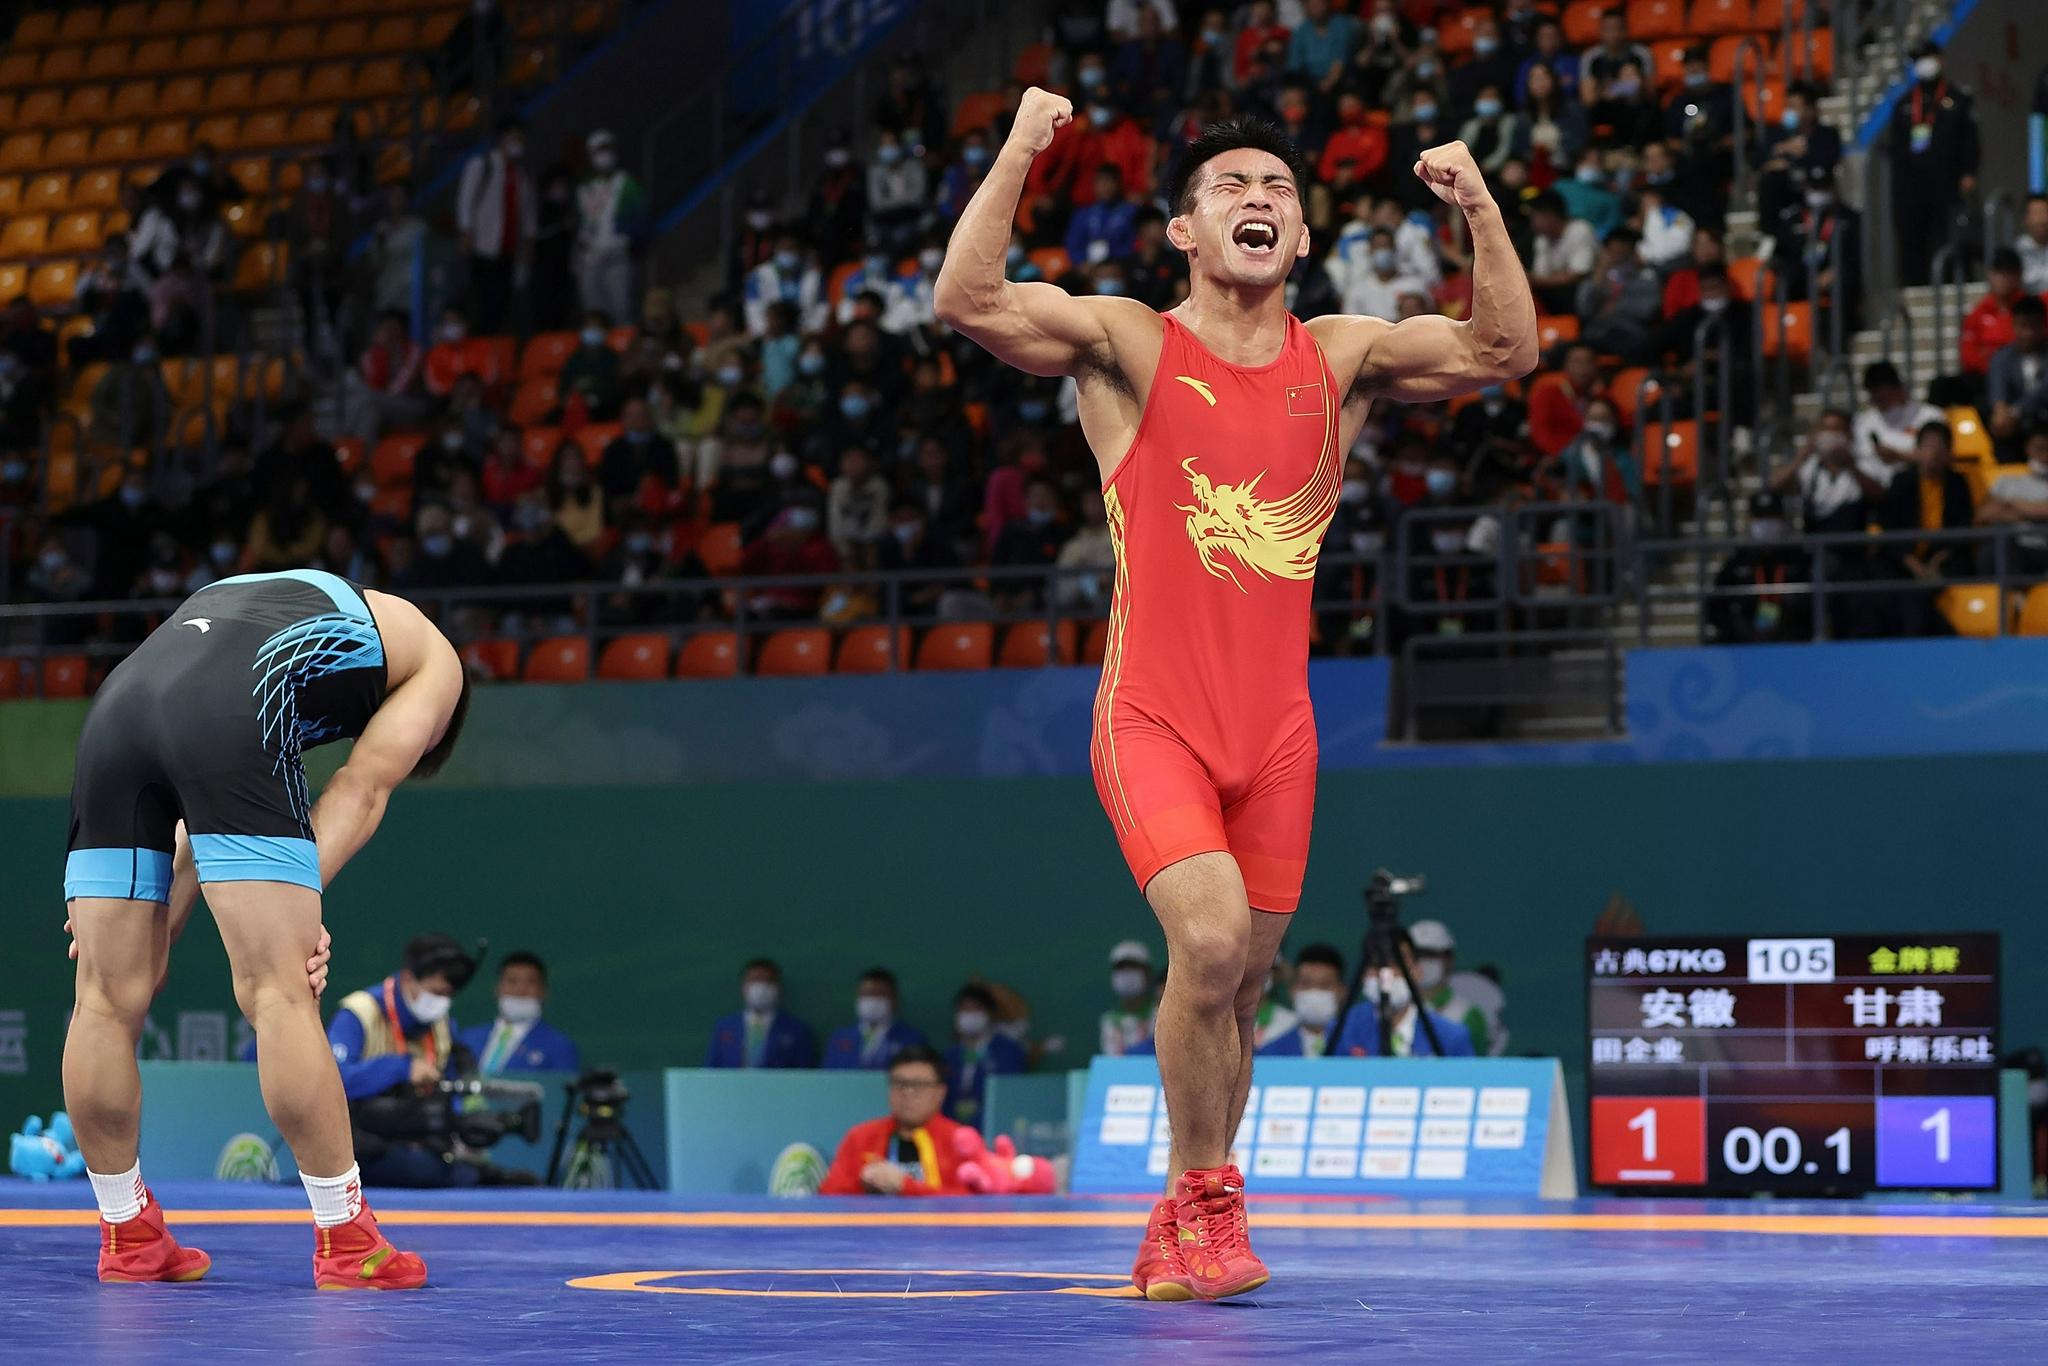 全运会|摔跤综合:四名奥运选手1金未得 三名上届亚军摘金